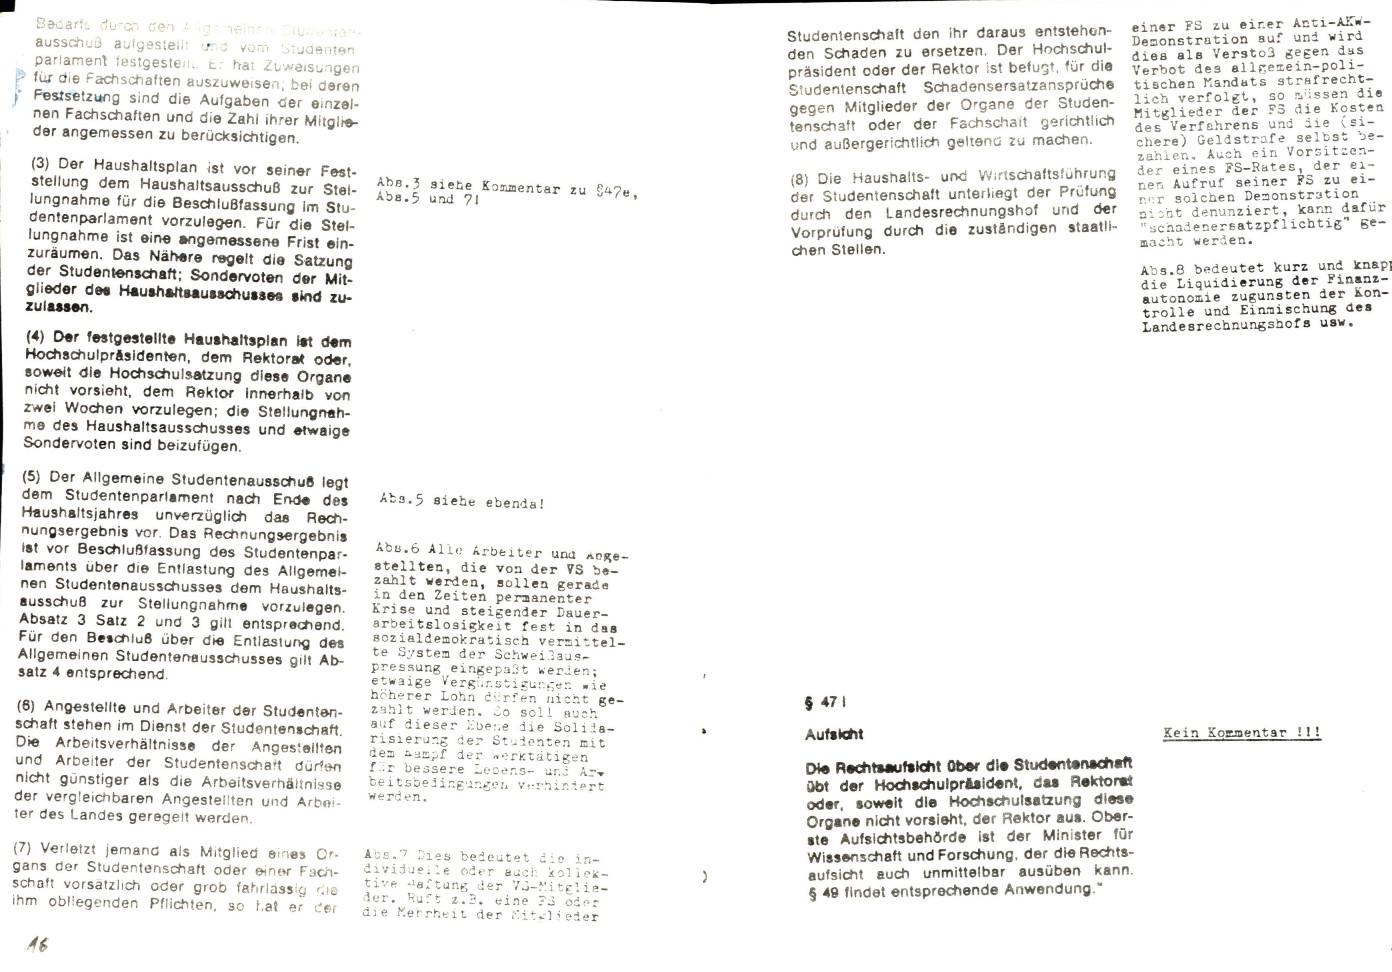 NRW_KSV_1977_Studentenschaftsgesetz_09